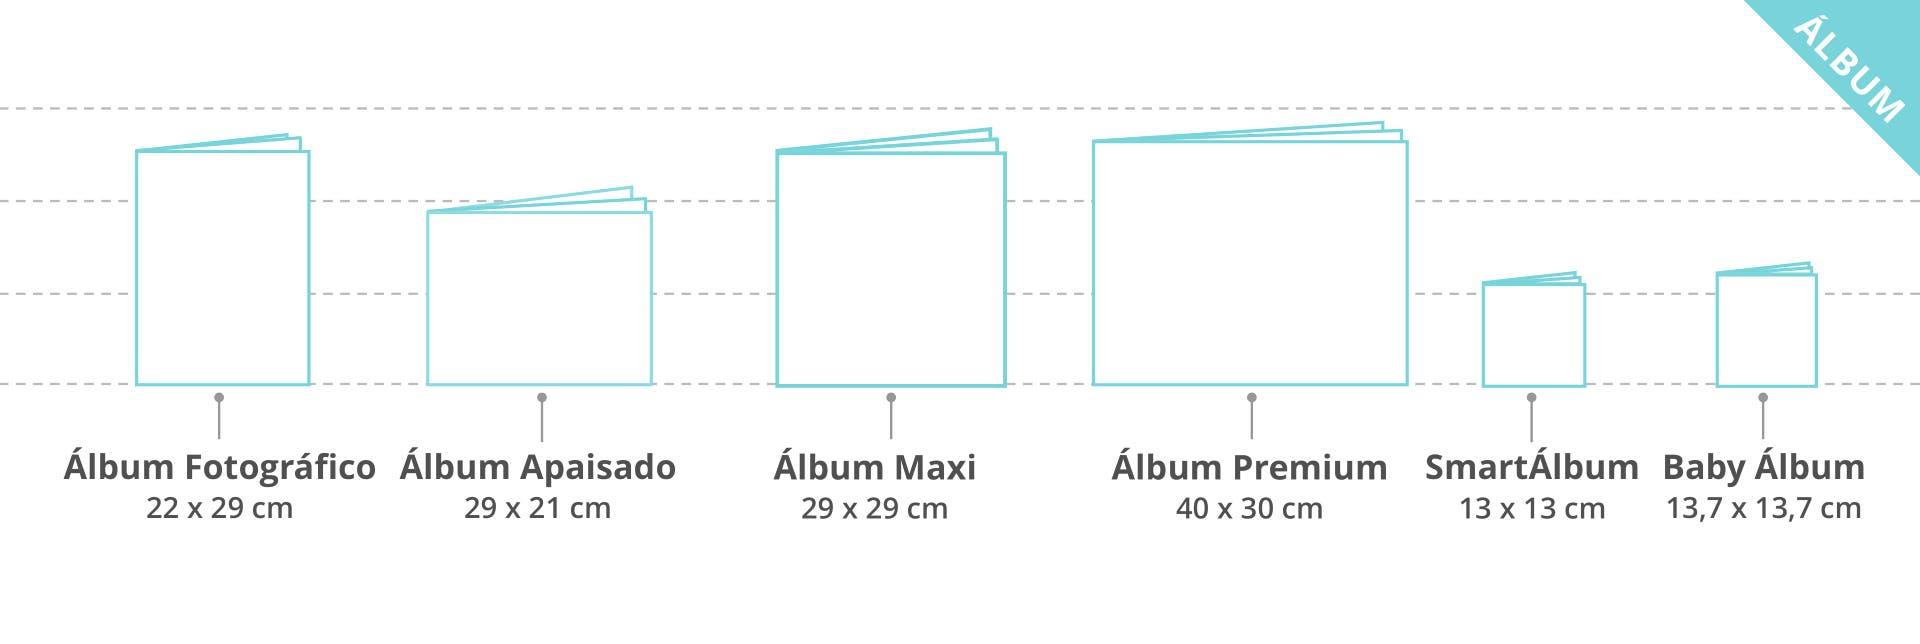 dimensiones-album